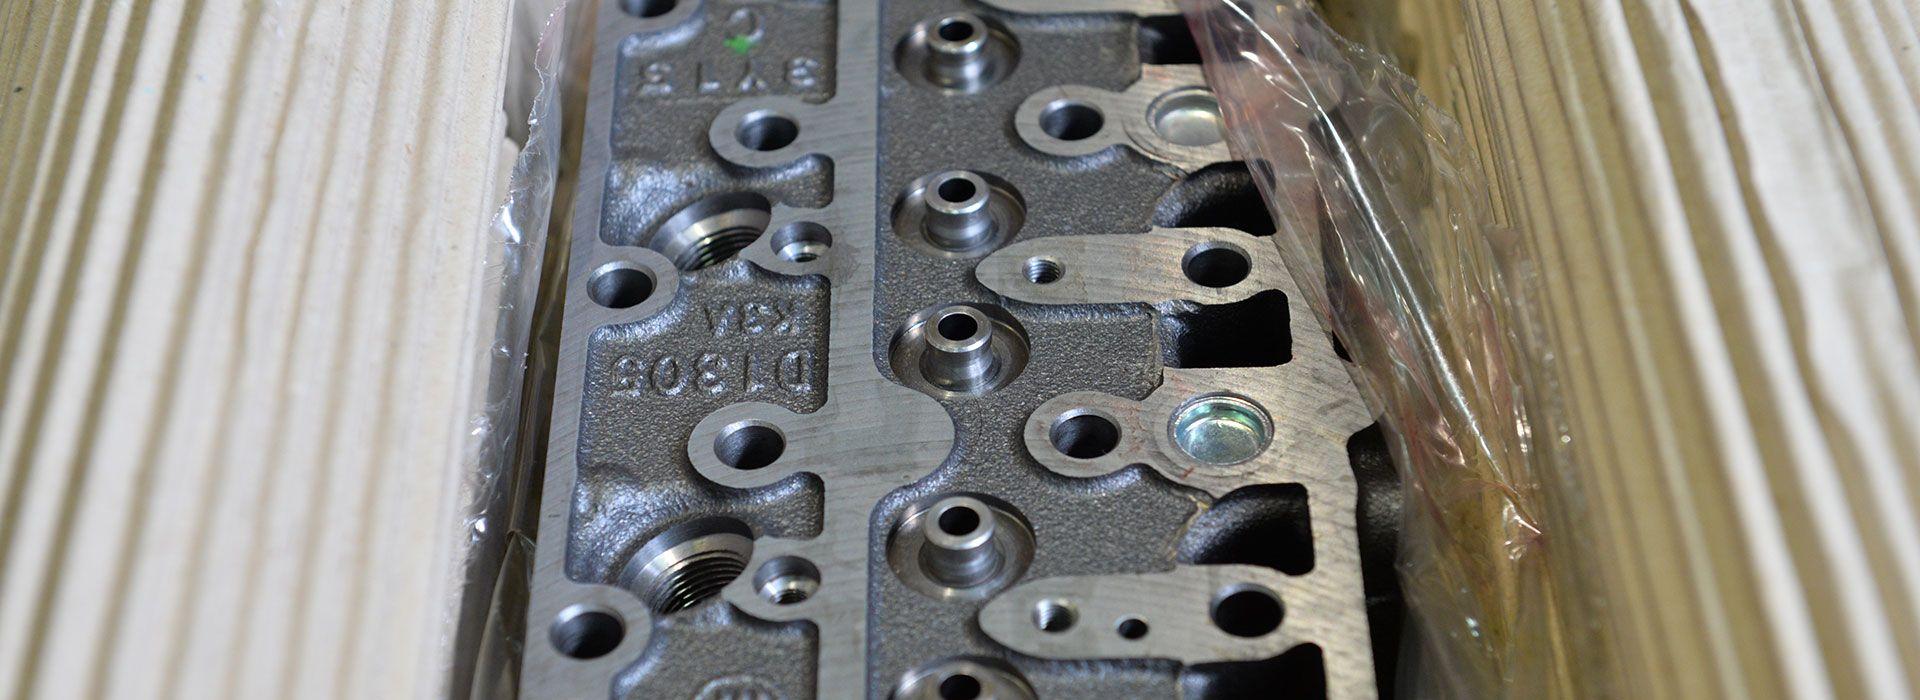 Forniamo ricambi Kubota per testate motore a prezzi vantaggiosi. Contattaci per conoscere la disponibilità